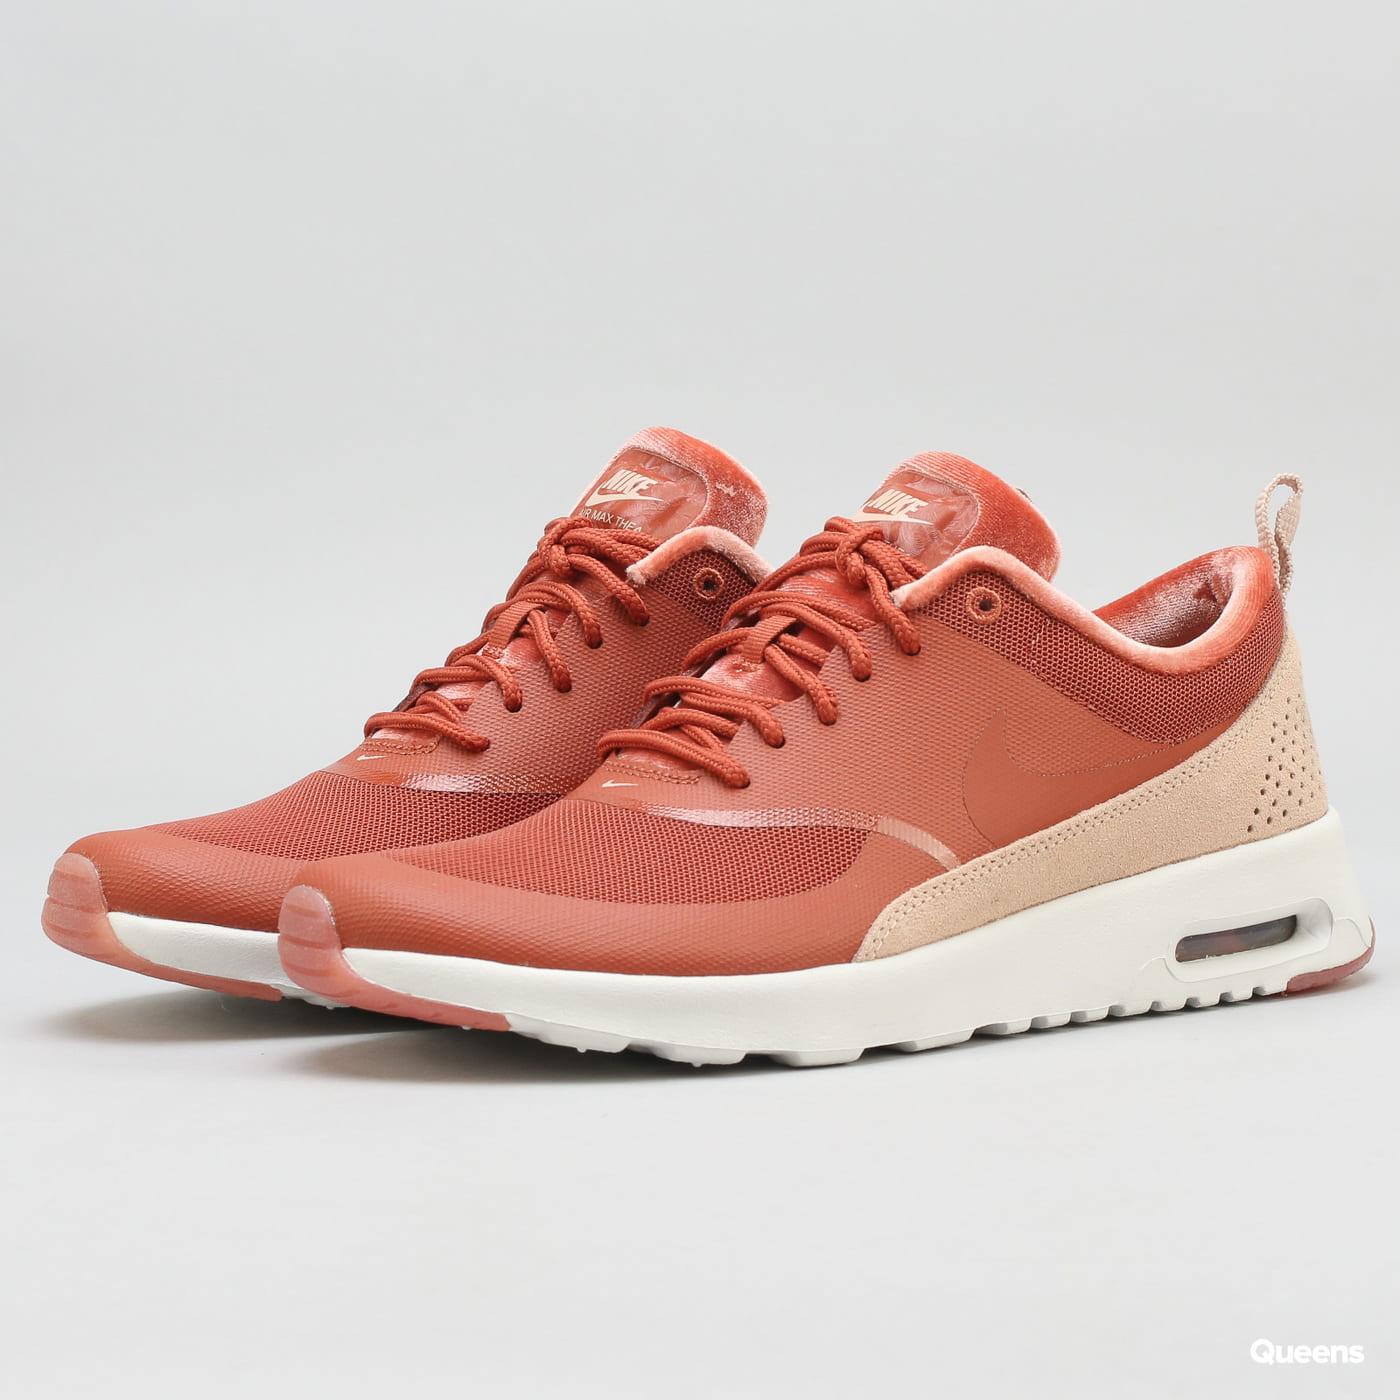 bda6ad16c7 Nike WMNS Air Max Thea LX dusty peach / dusty peach (881203-201) – Queens 💚